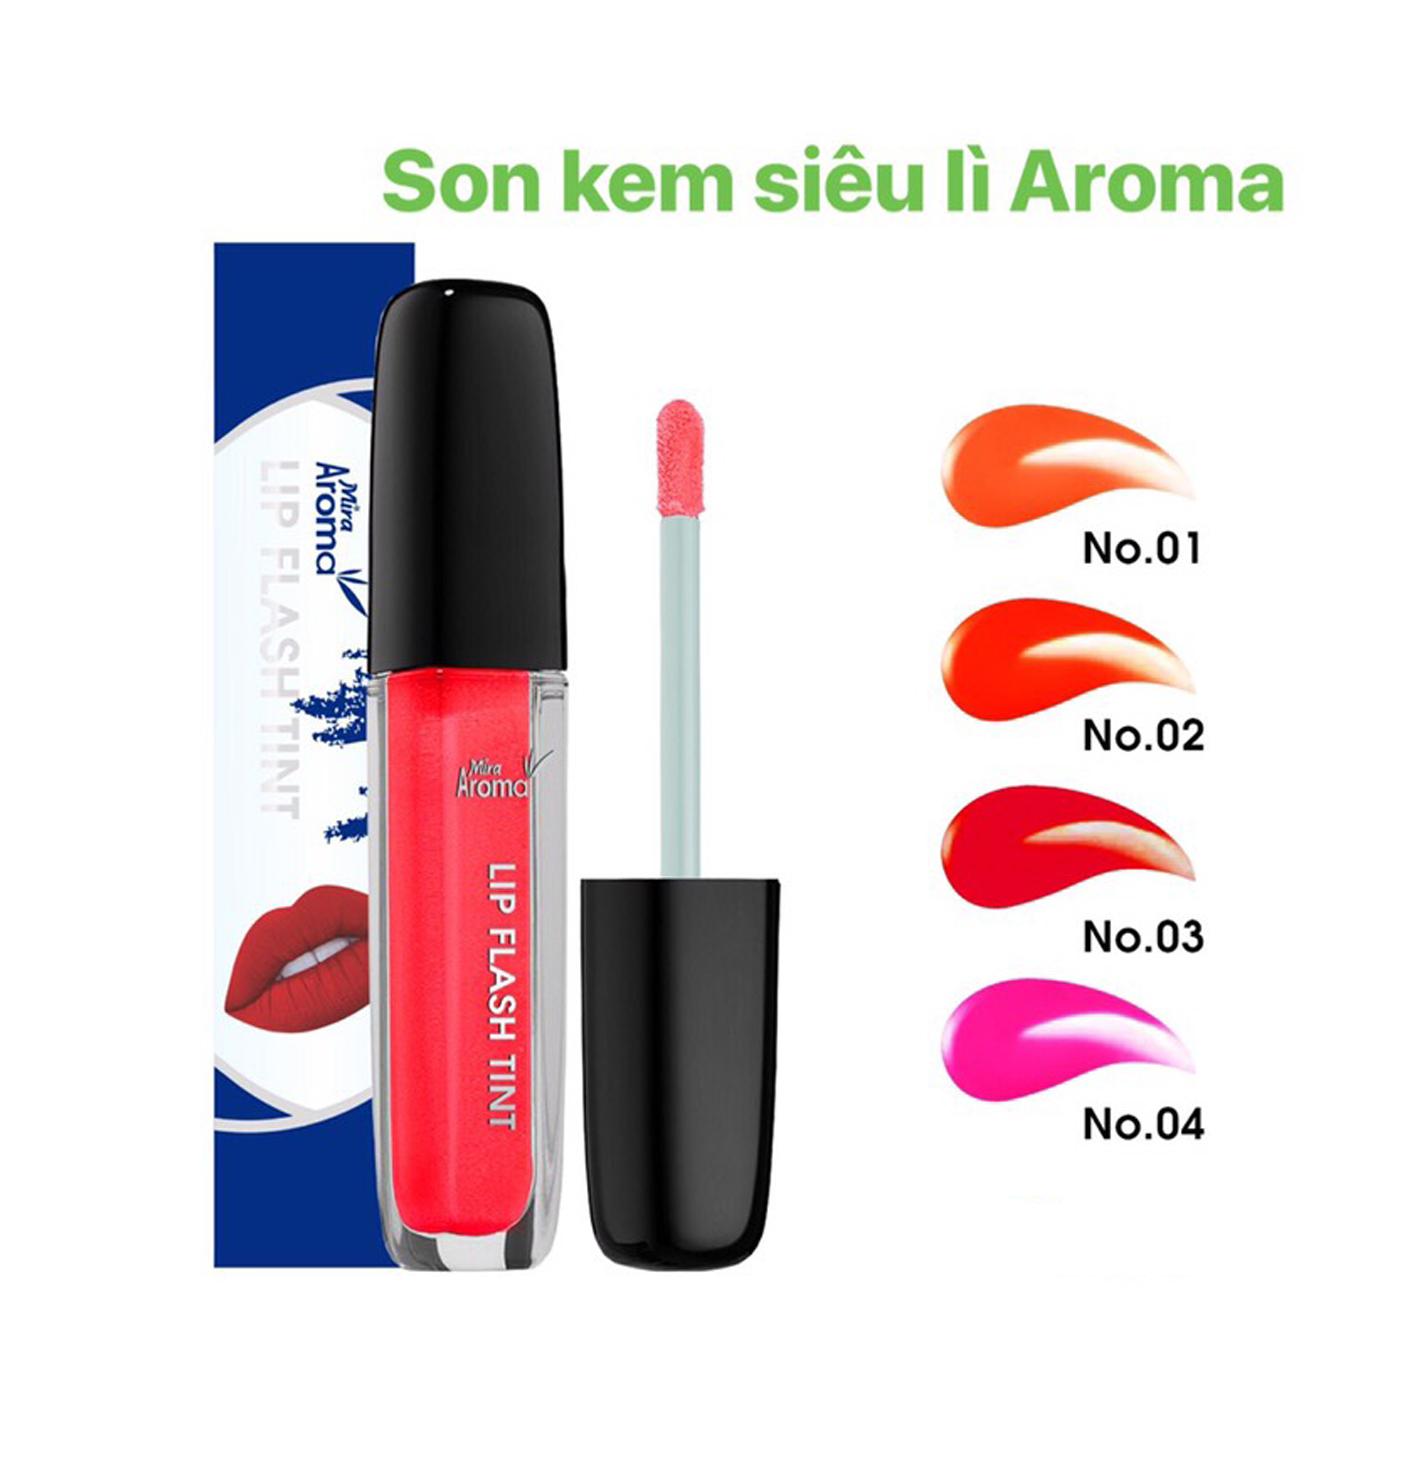 Son kem siêu lì Aroma Lip Flash Tint Hàn Quốc No.1 Màu cam tặng kèm móc khóa